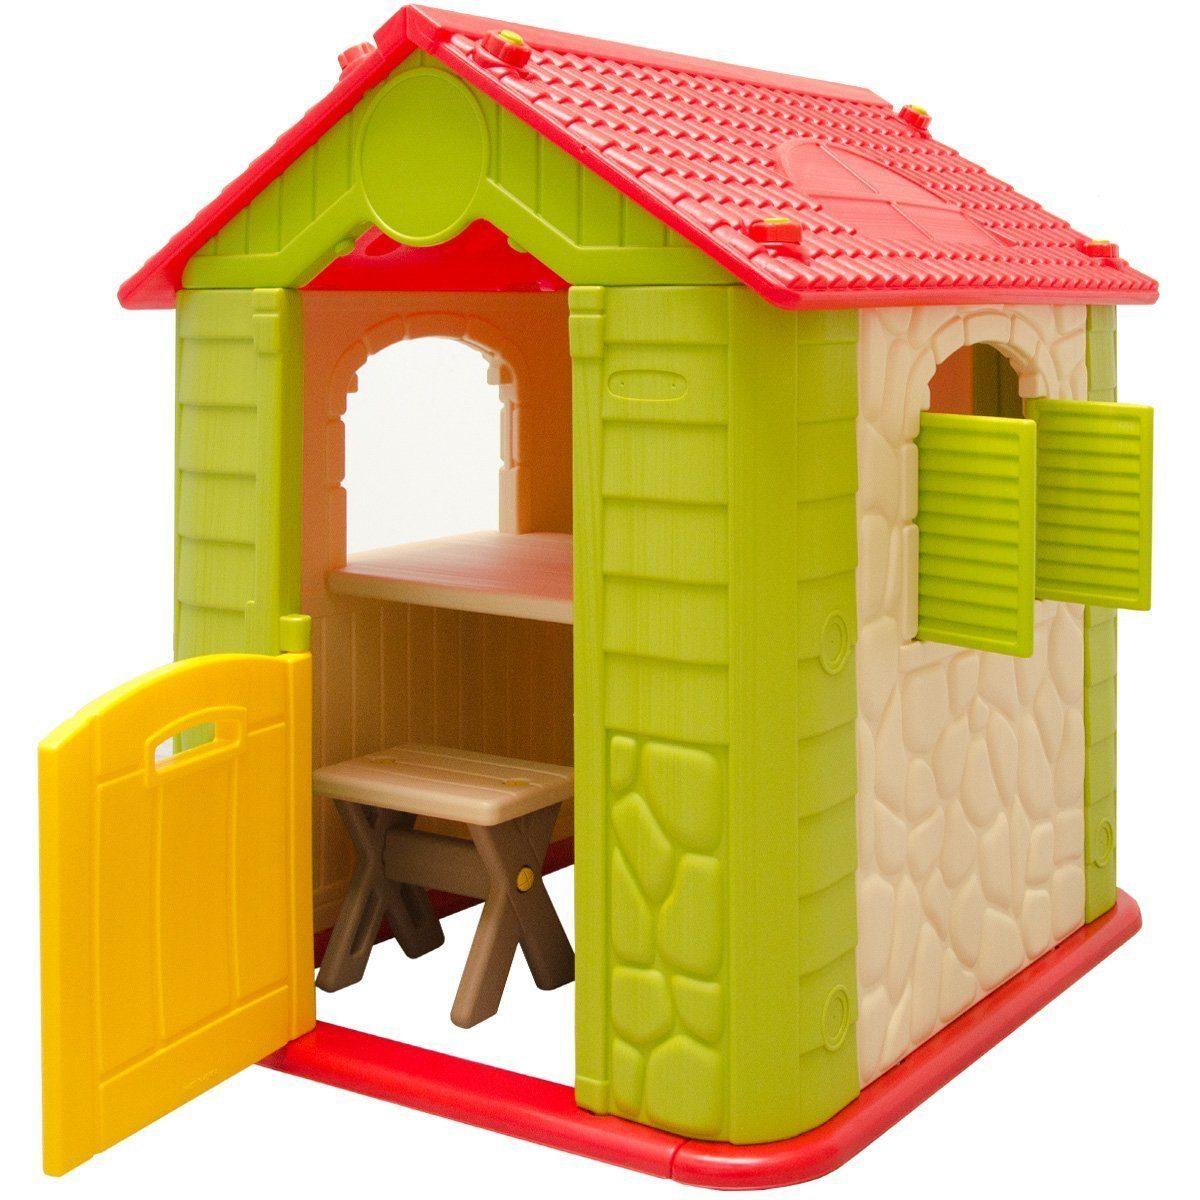 Spielhaus Garten Plastik Spielhaus Garten Kunststoff Spielhaus